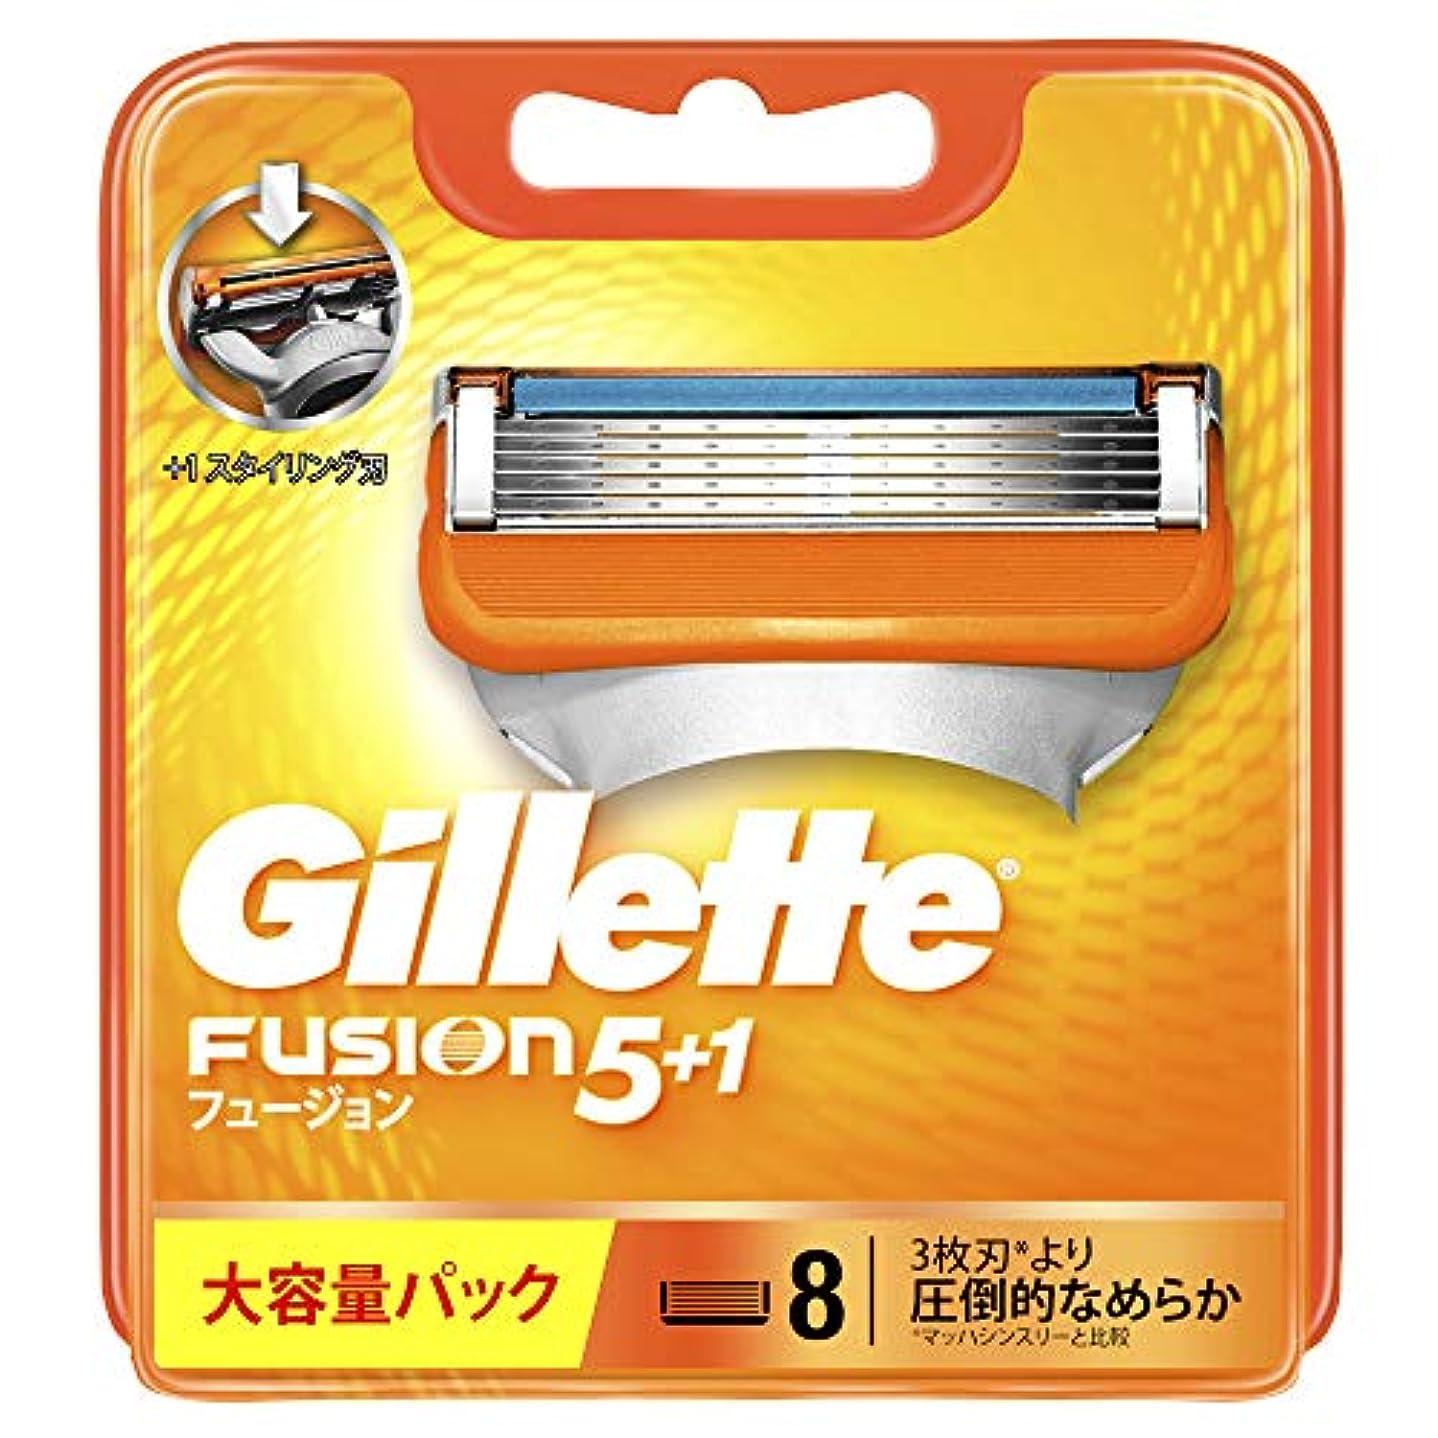 ドナー星あえてジレット フュージョン5+1 マニュアル 髭剃り 替刃 8コ入